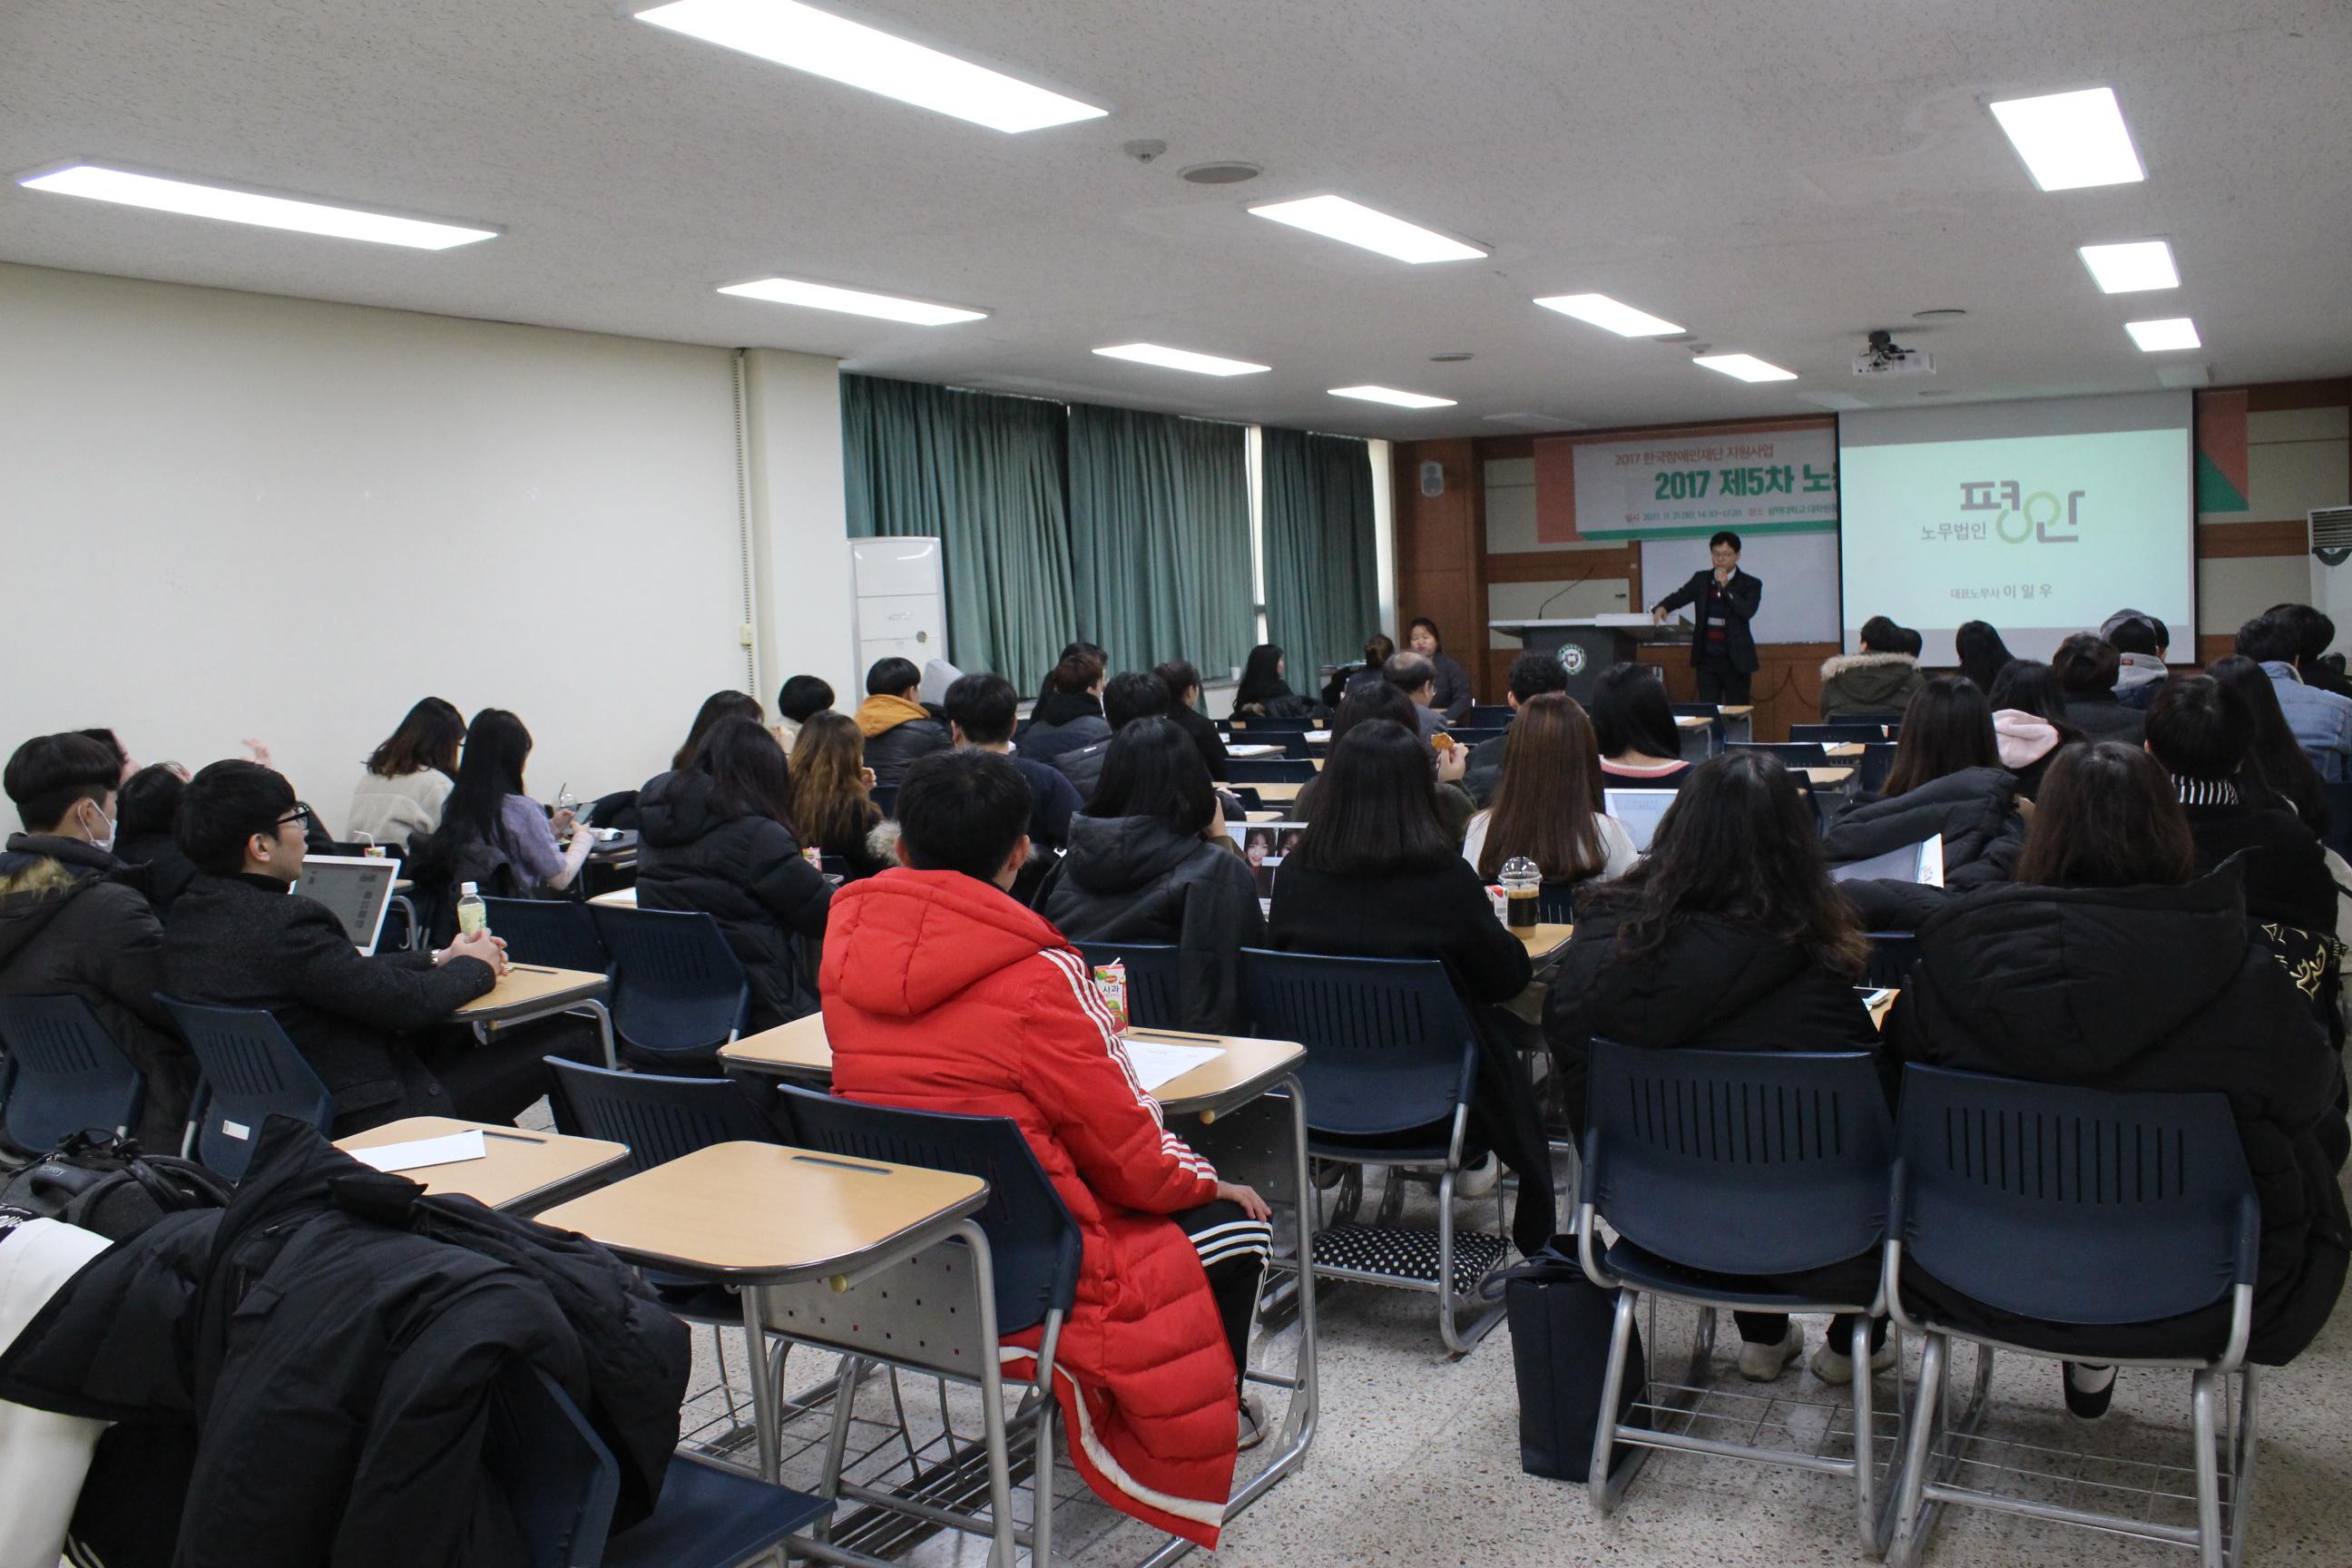 교육을 경청 중인 참석자의 모습.JPG